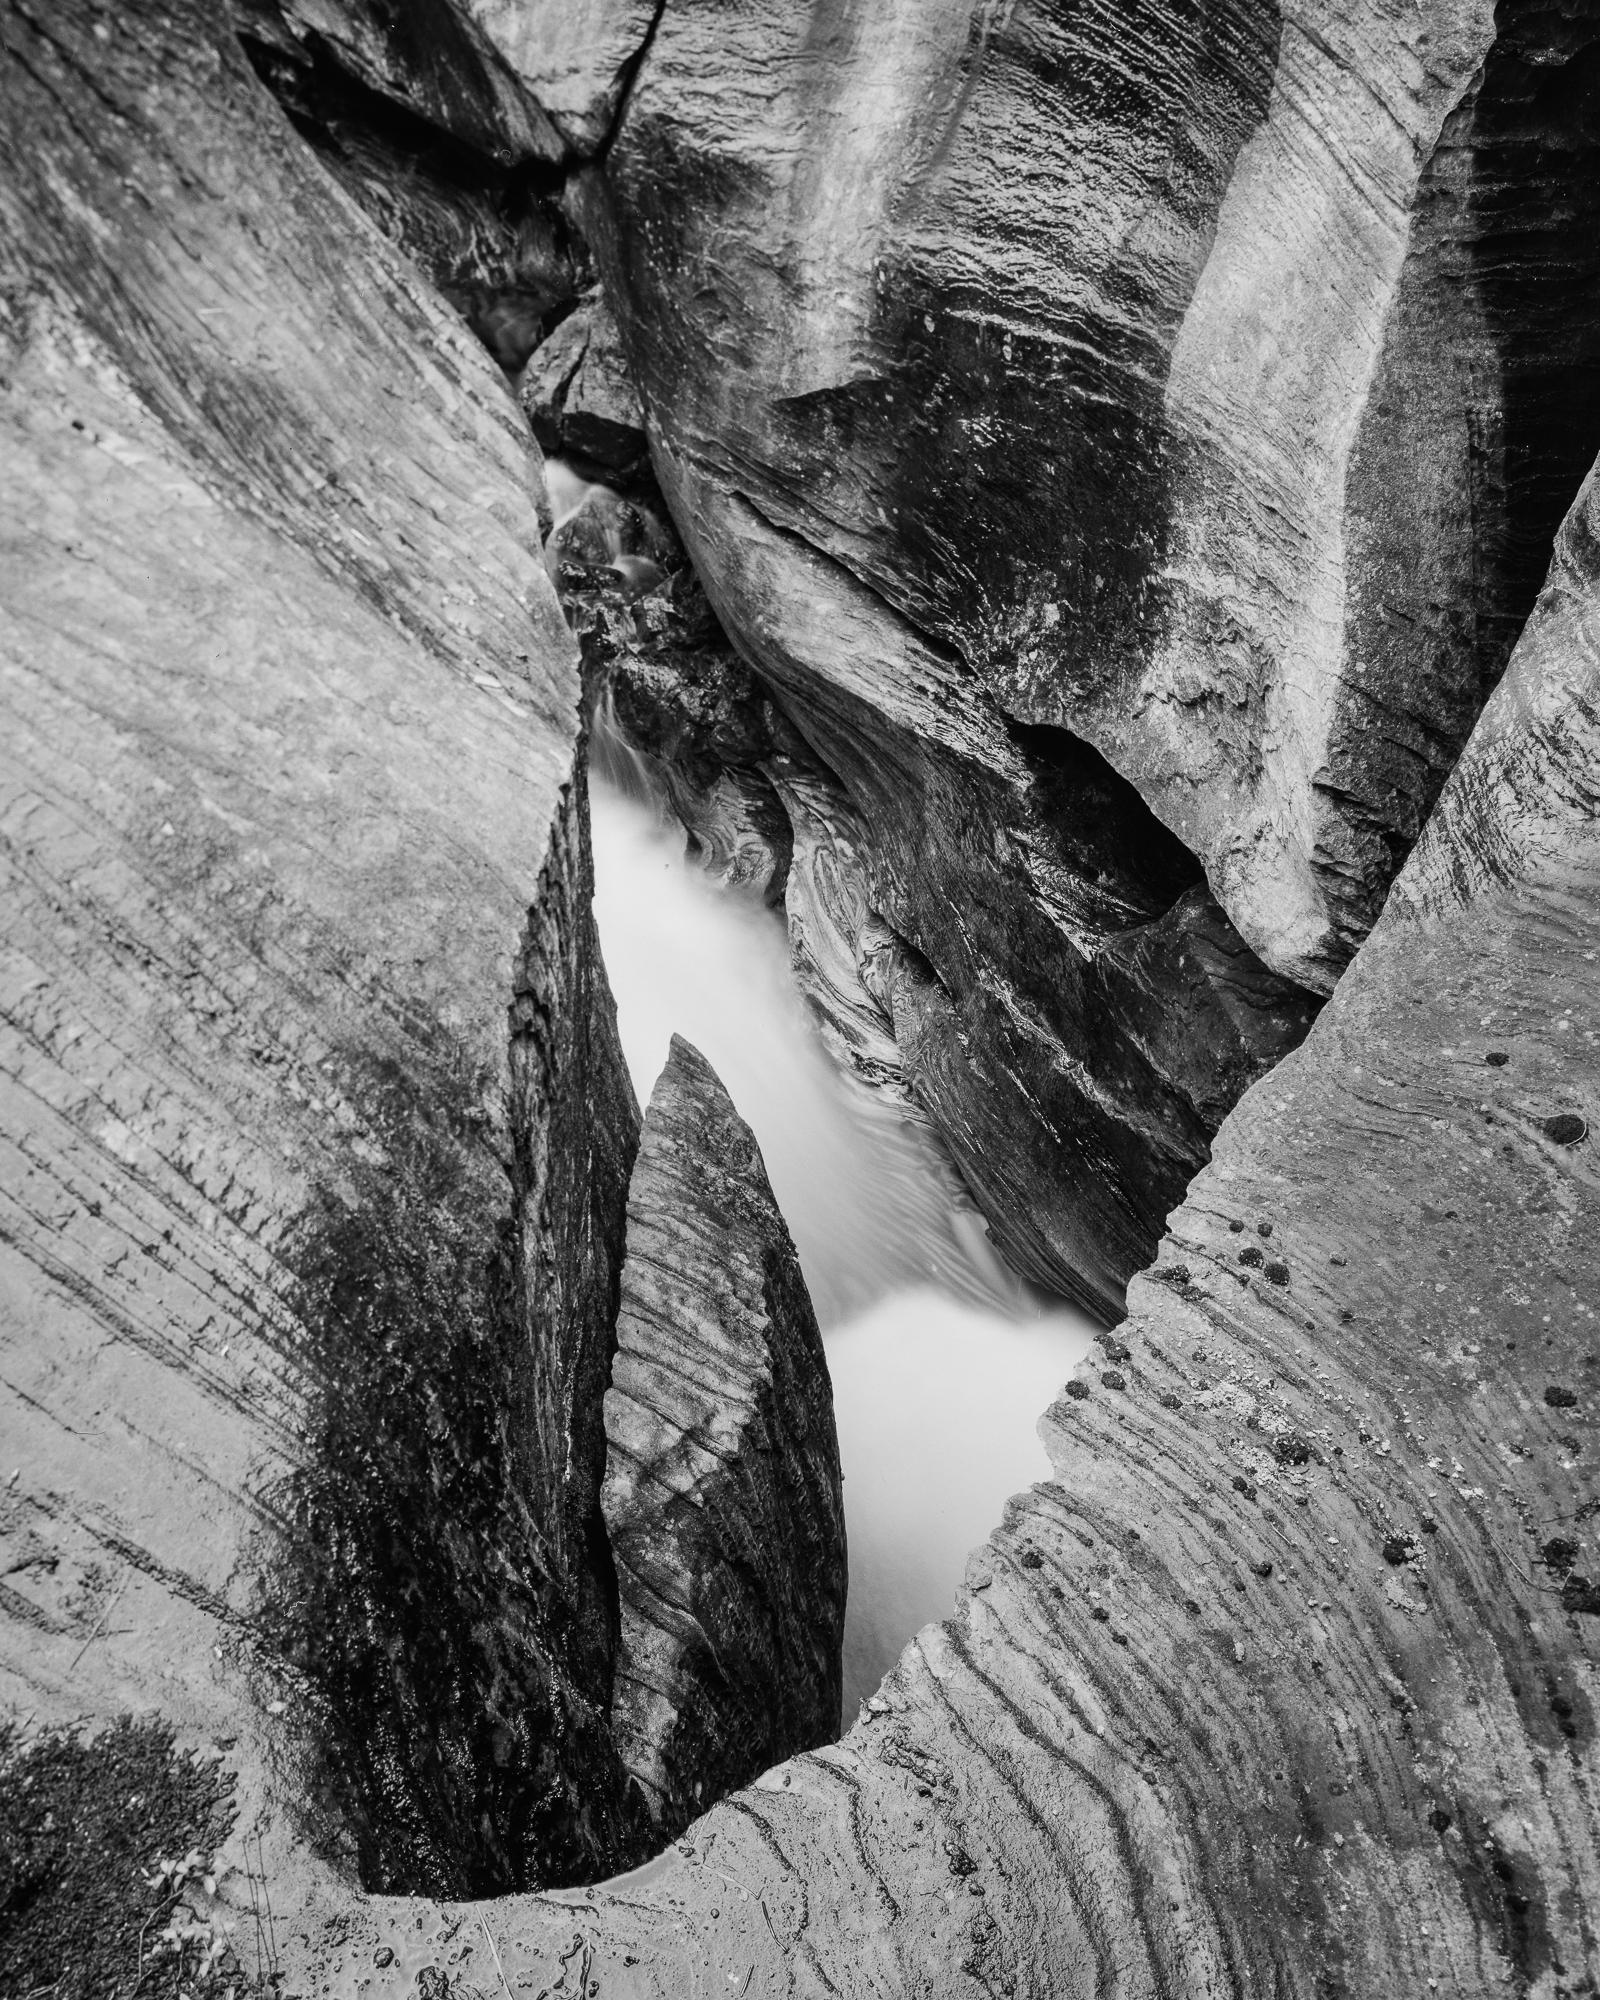 Láhko National Park, Norway. ©Bjørn Joachimsen.